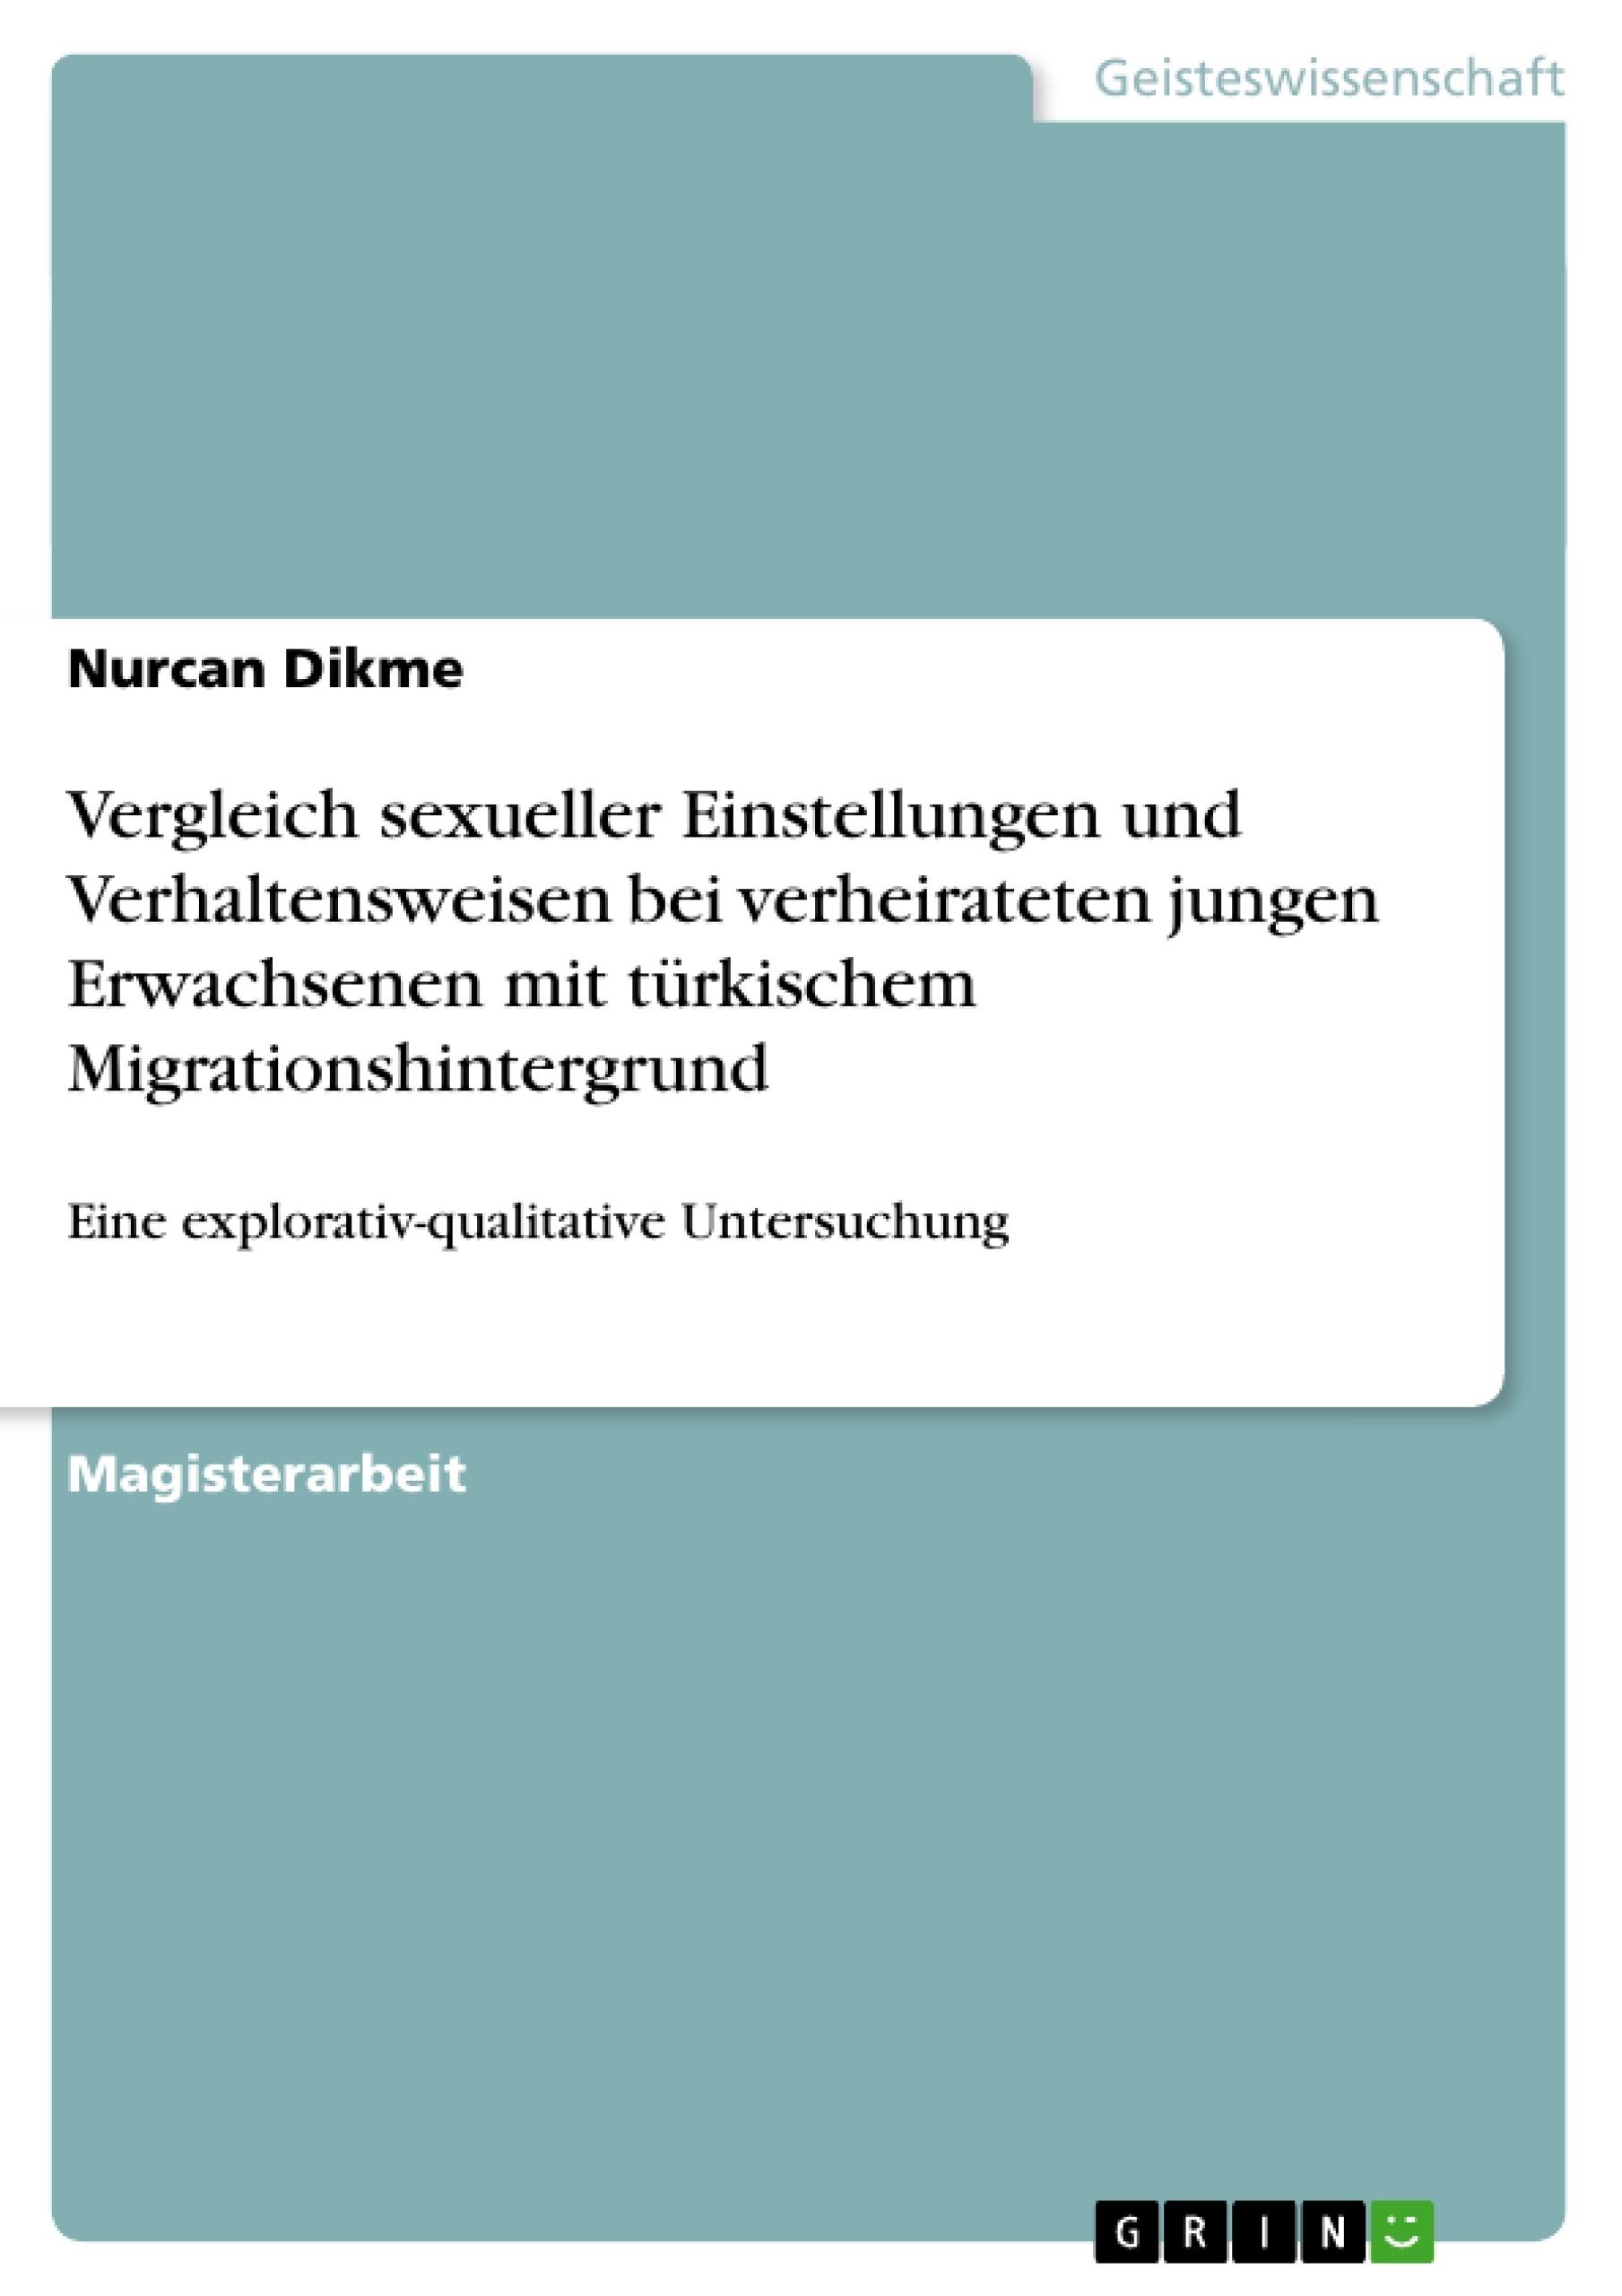 Titel: Vergleich sexueller Einstellungen und Verhaltensweisen bei verheirateten jungen Erwachsenen mit türkischem Migrationshintergrund